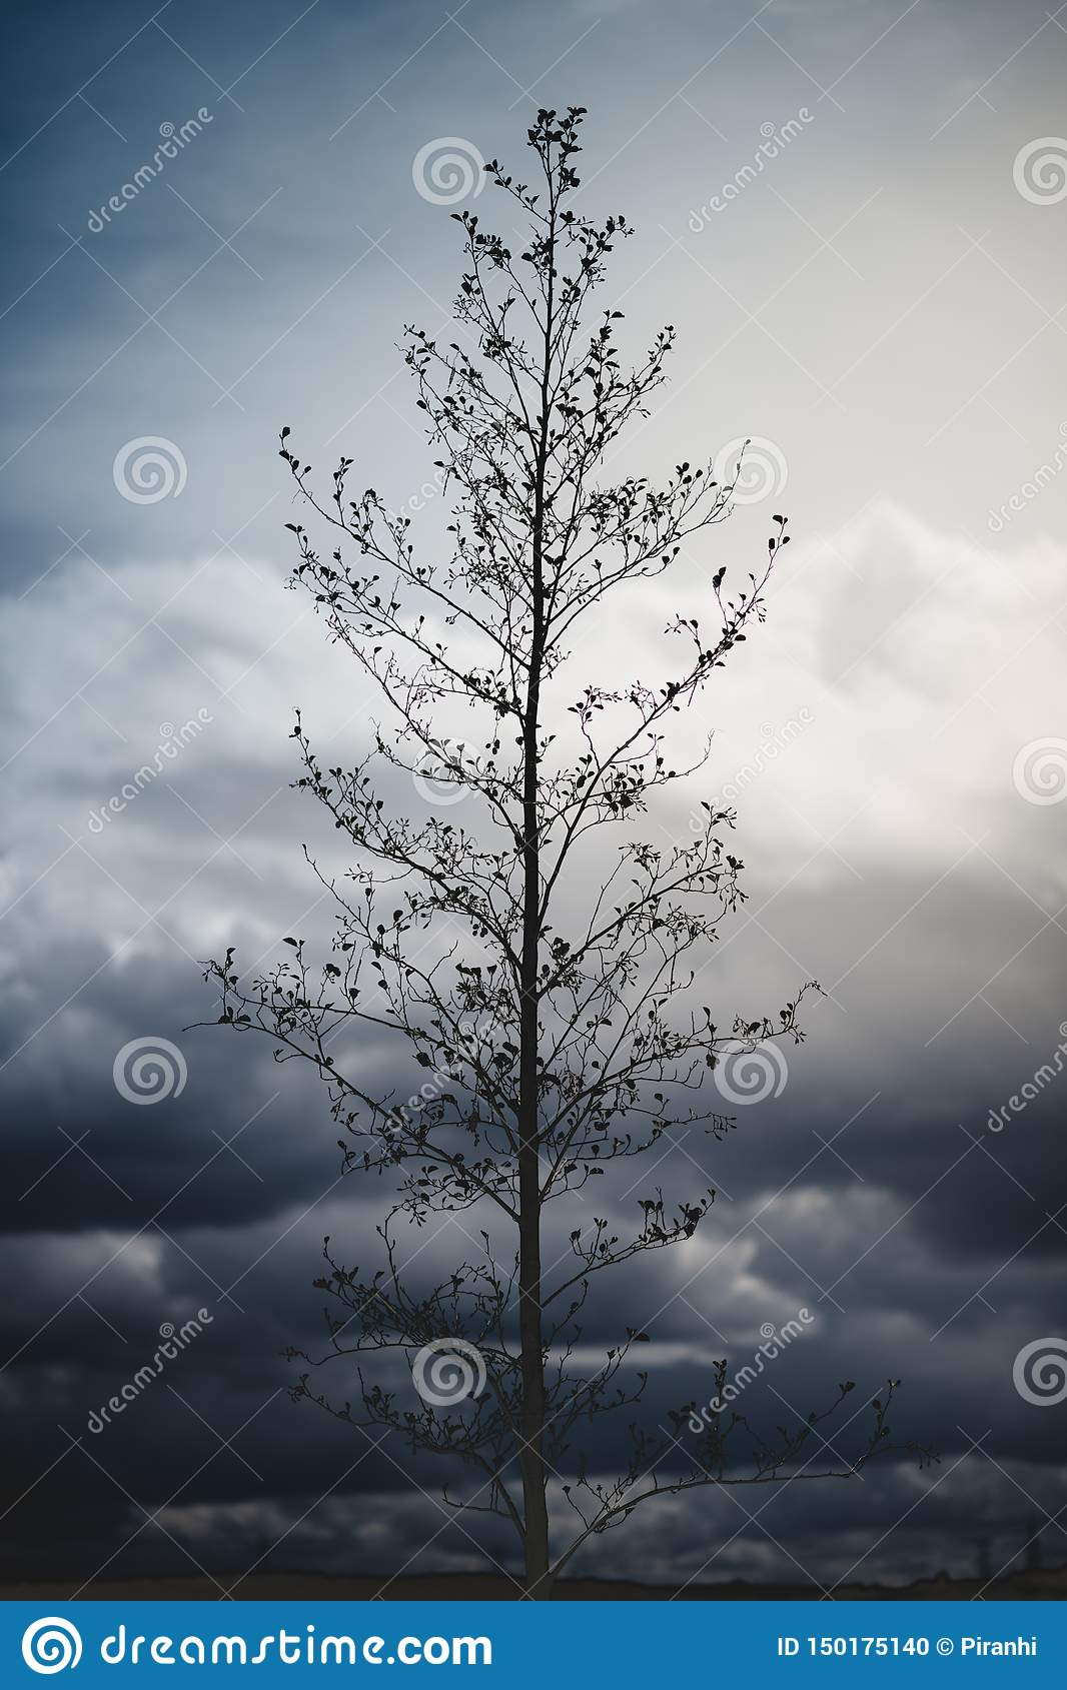 En dramatisk bild av ett högväxt träd som sitter mot lynniga himlar i bakgrunden med blåa och gula signaler